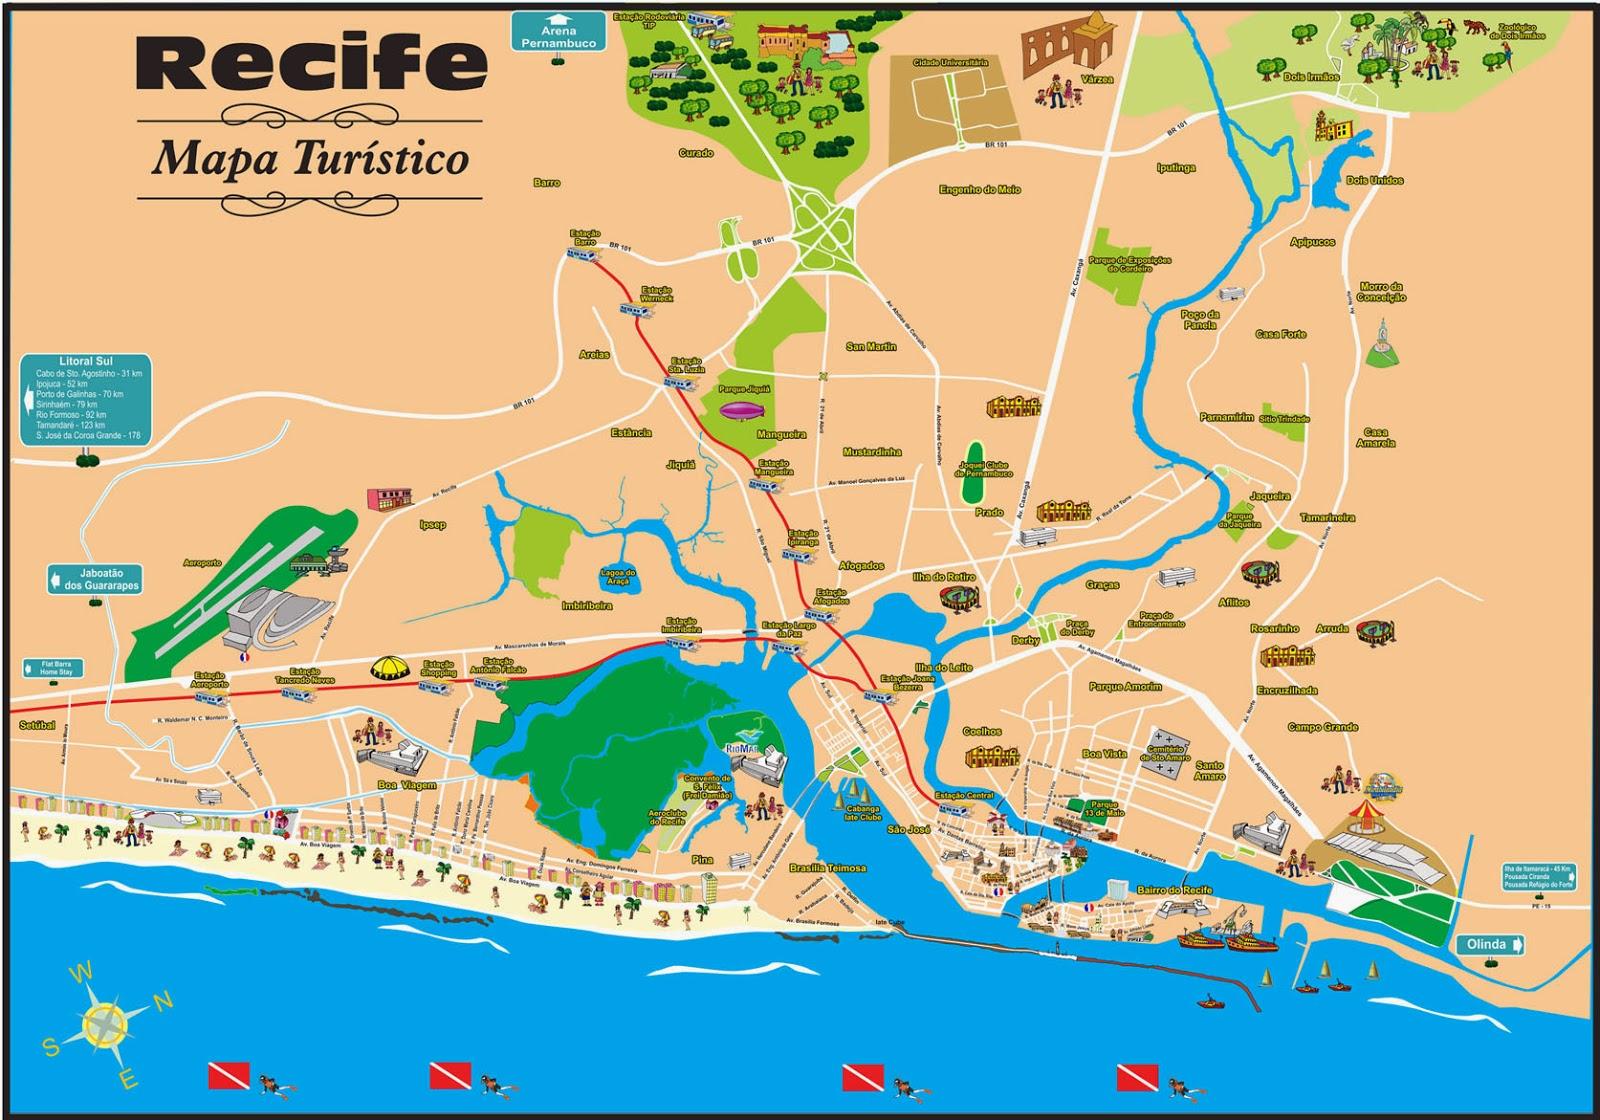 Mapa turístico de Recife - PE